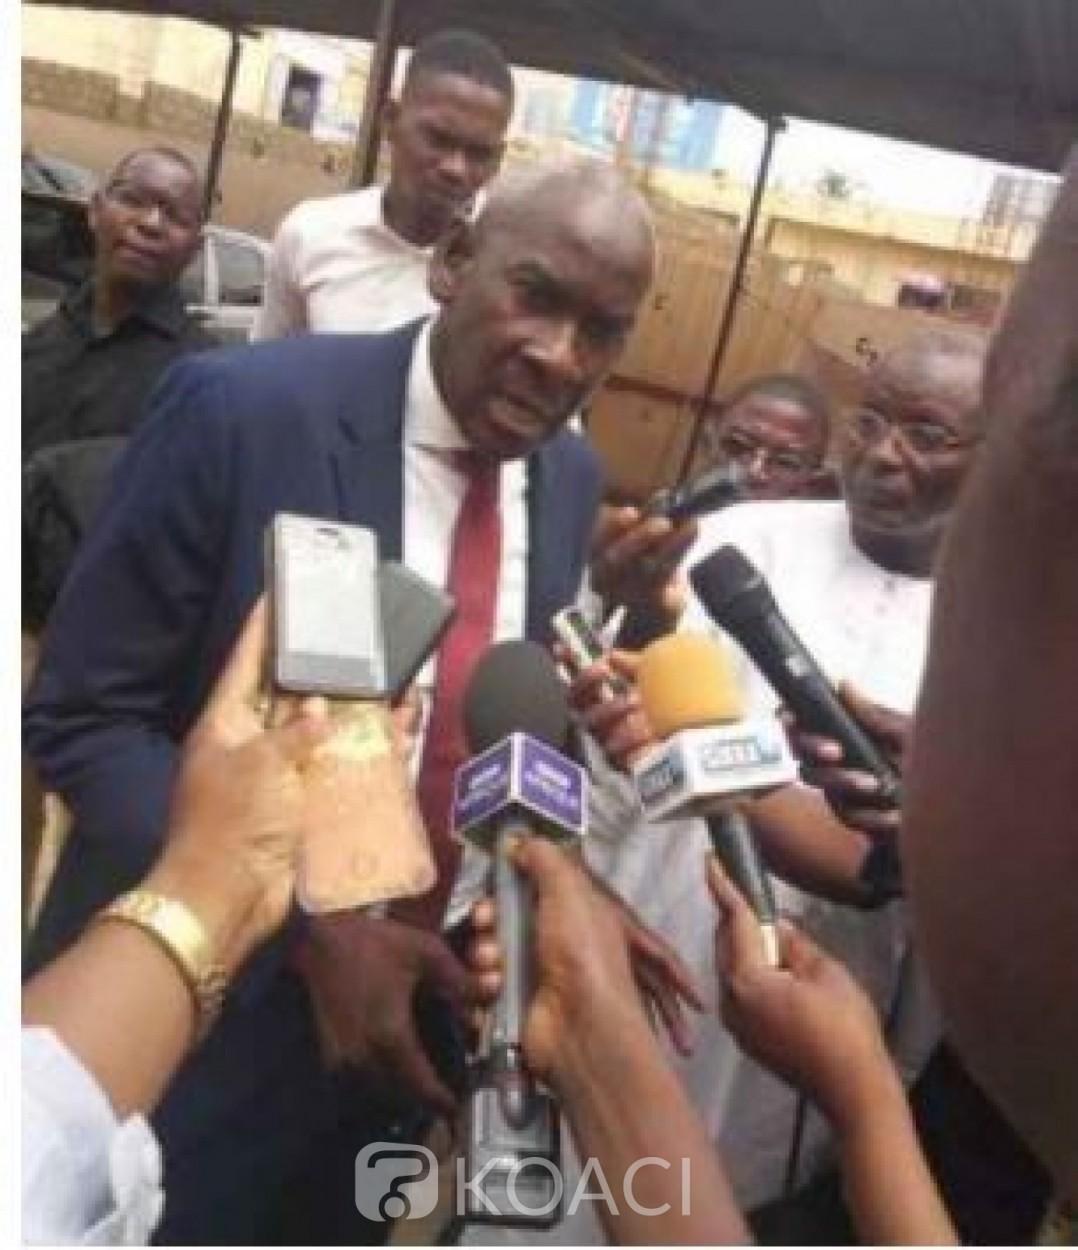 Côte d'Ivoire-Mali: L'Avocat de Ben Souk ne conteste pas la légitimité d'une procédure d'extradition, mais dénonce les conditions de son arrestation